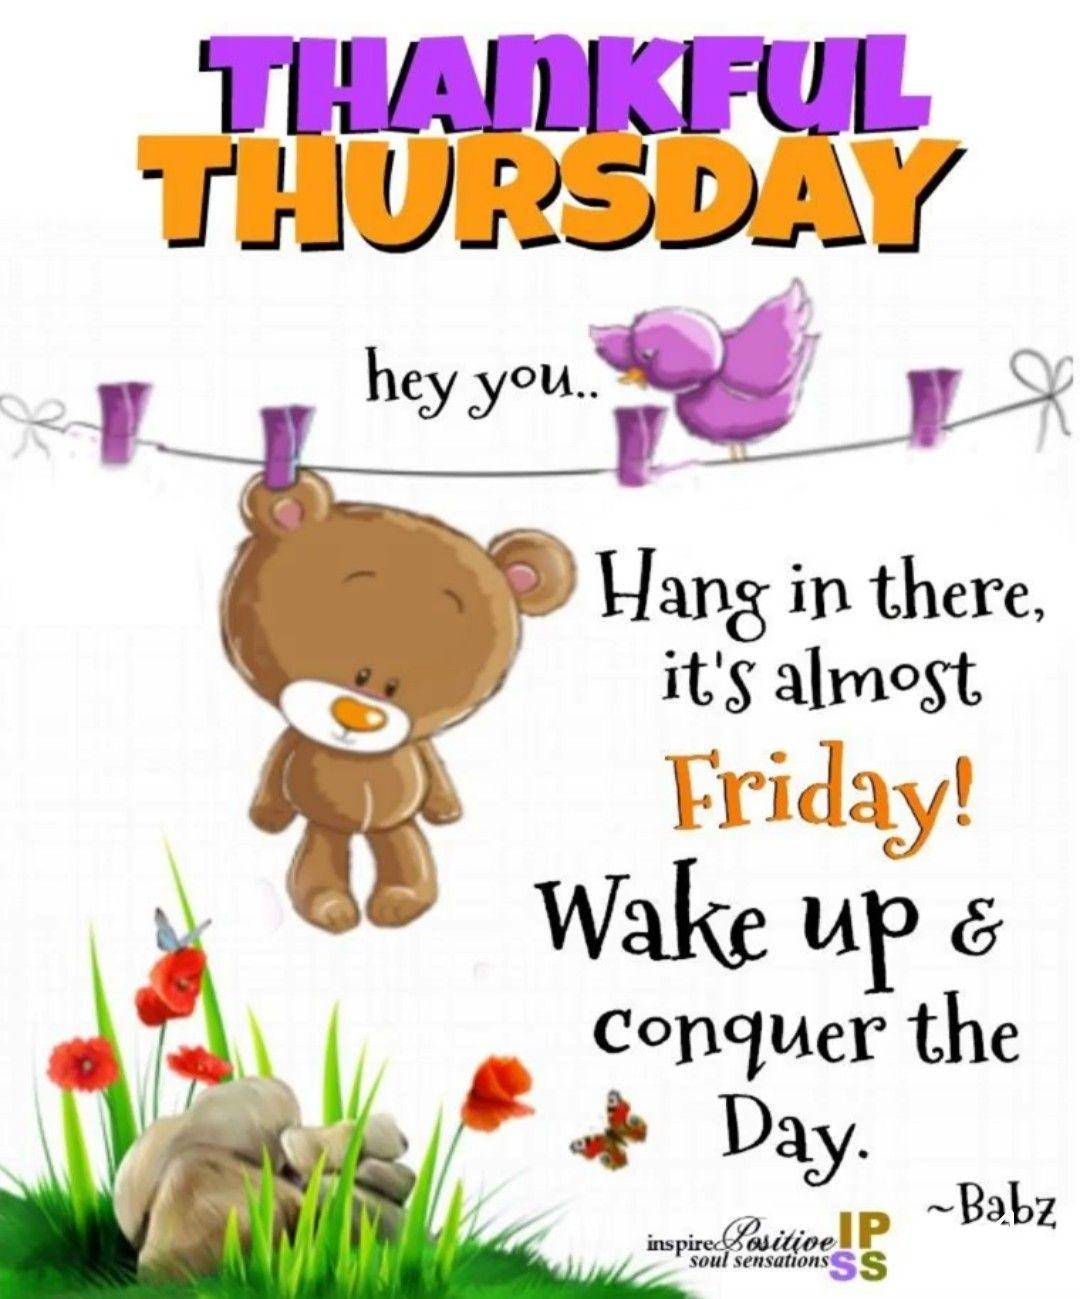 Thursday Good Morning Pinterest Thursday Thankful Thursday